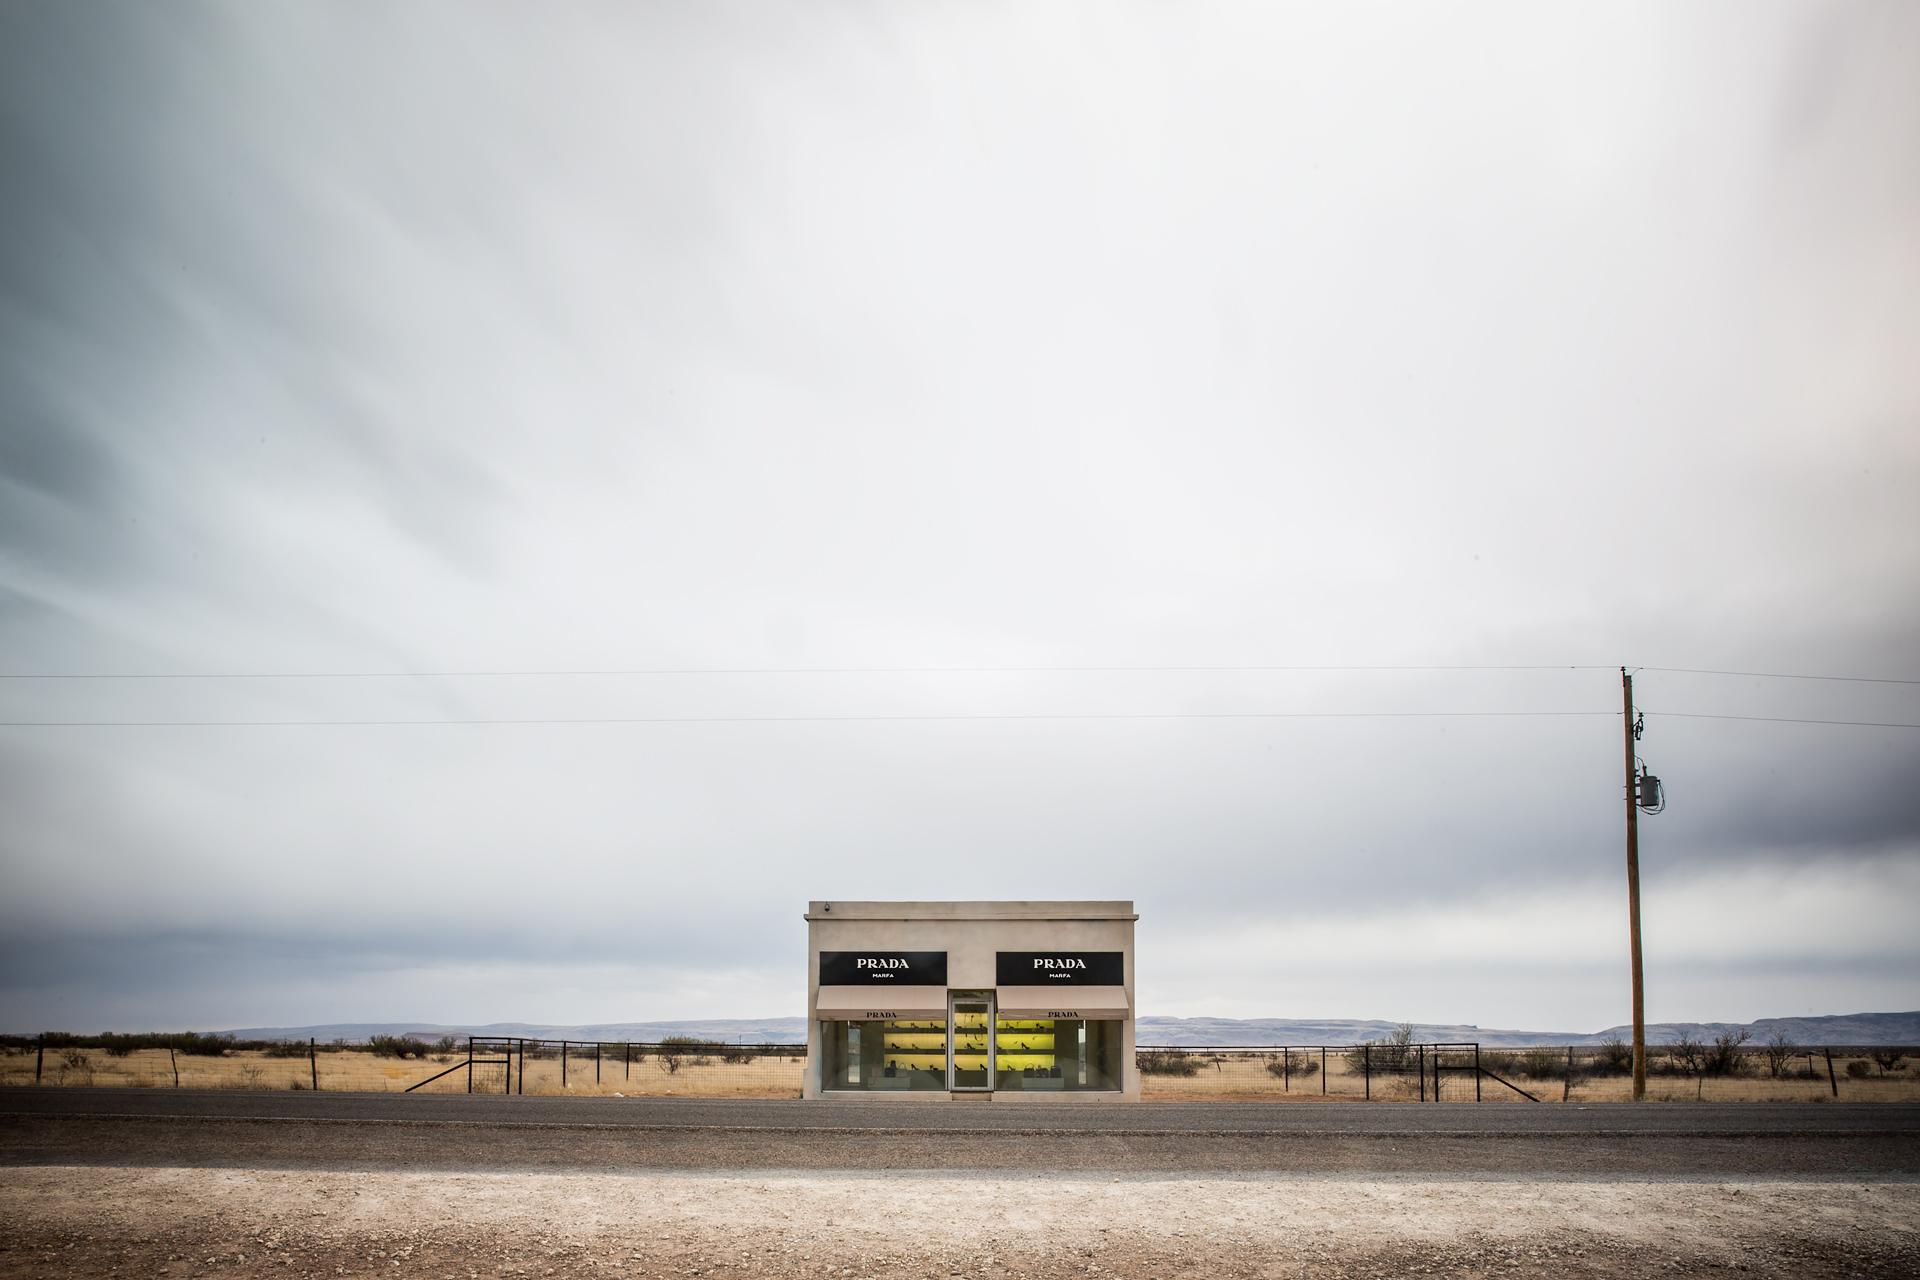 Prada Marfa, Texas USA by Elmgreen and Dragset